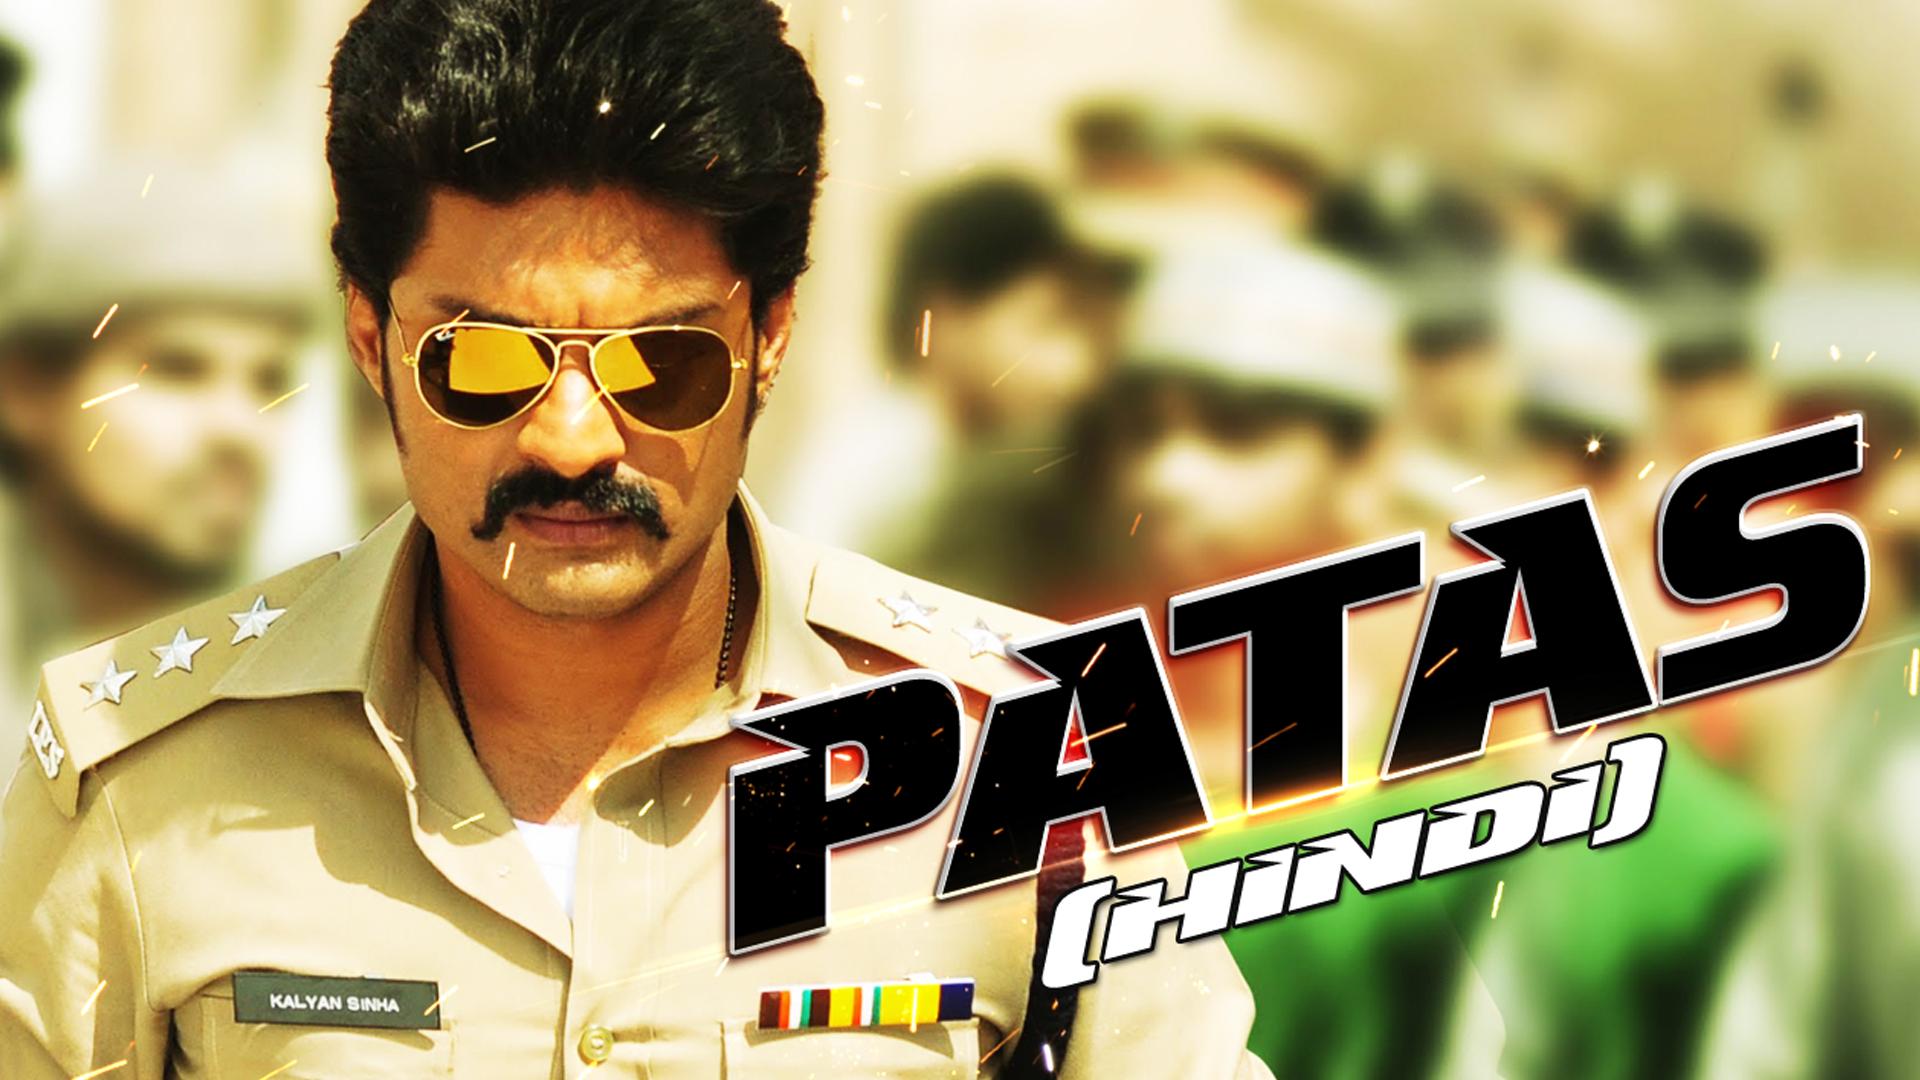 Patas - in Hindi